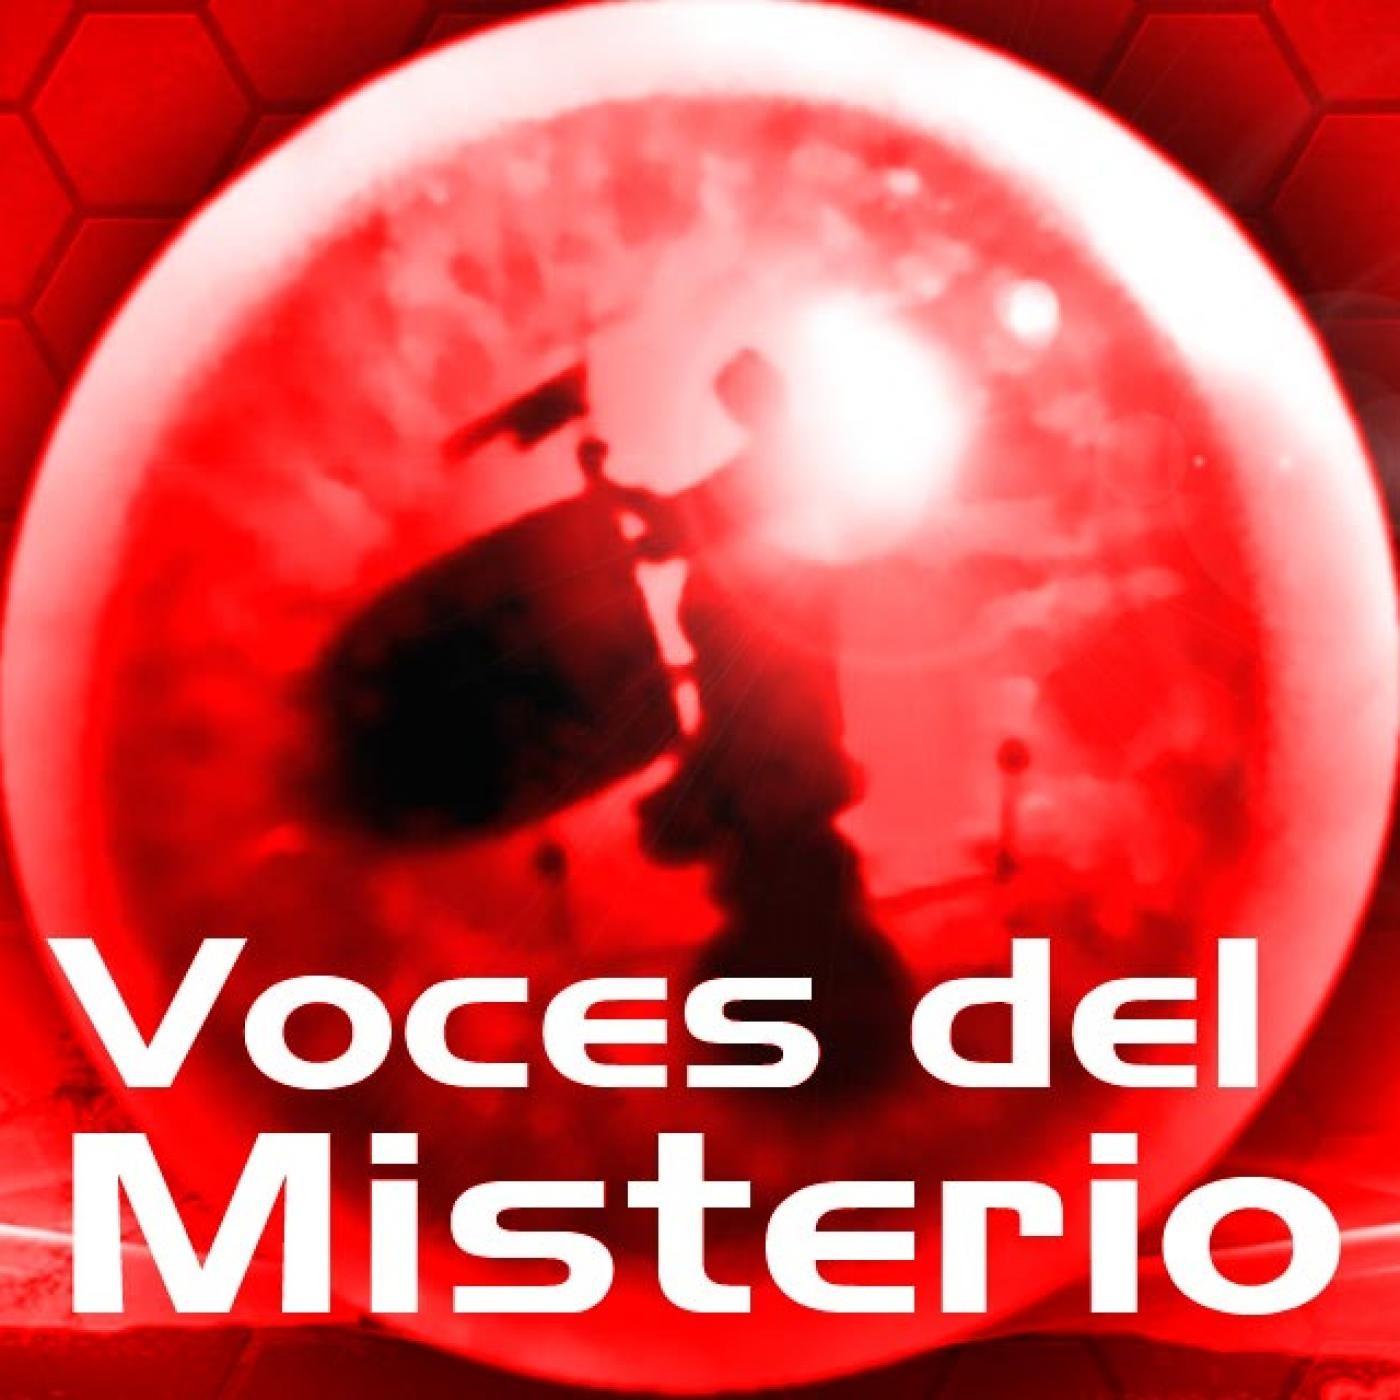 Voces del Misterio: EXTREMADURA MÁGICA 18: LAS CASAS DEL MIEDO DE EXTREMADURA